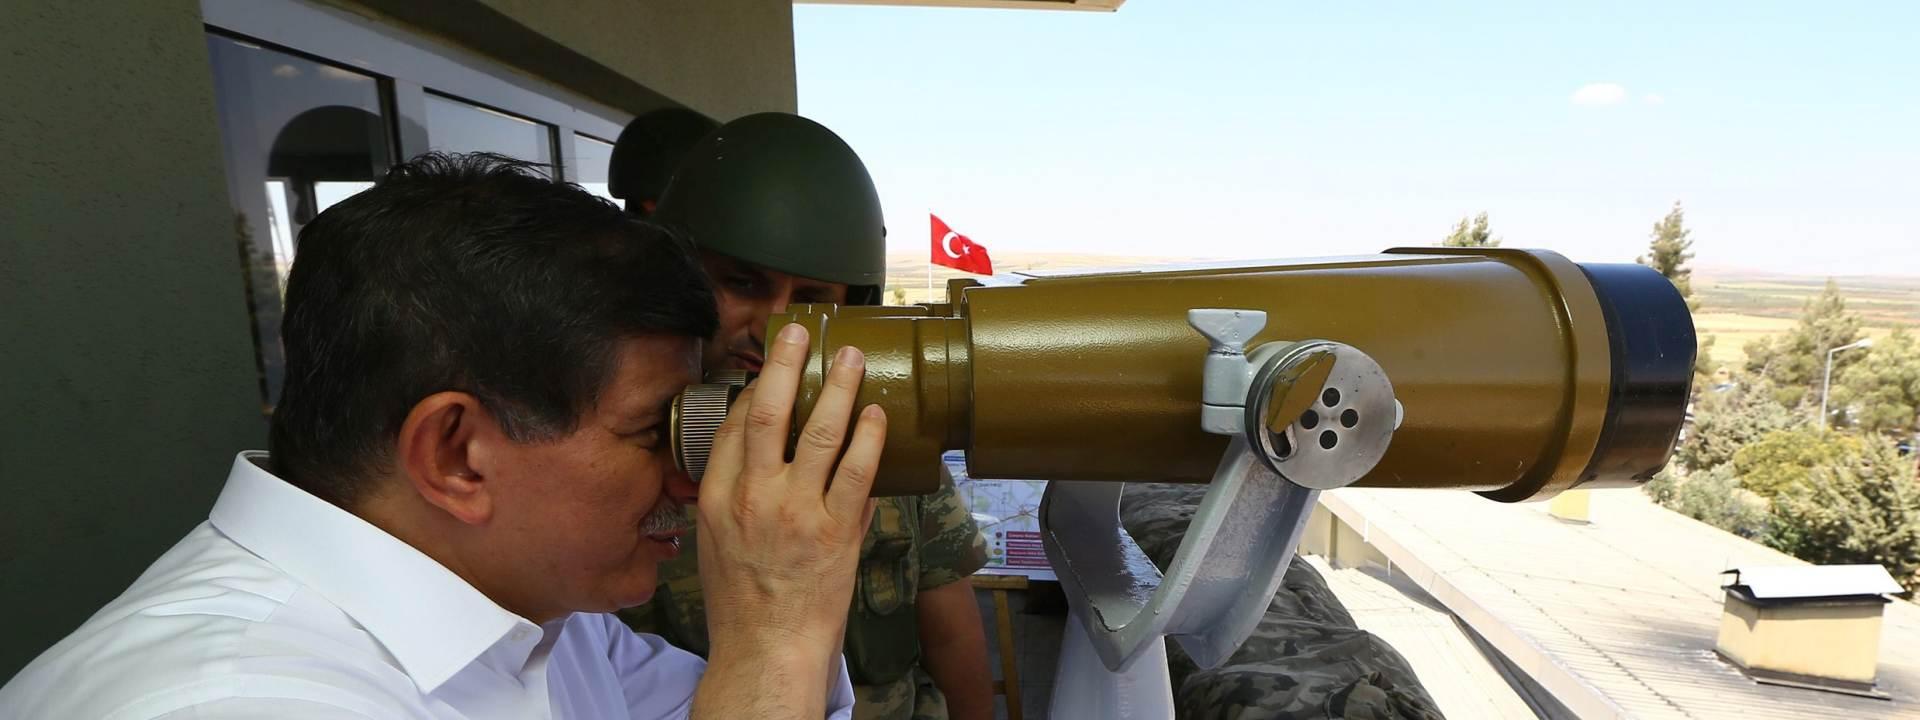 TURSKI DUŽNOSNICI: Ruske sankcije neće ništa riješiti